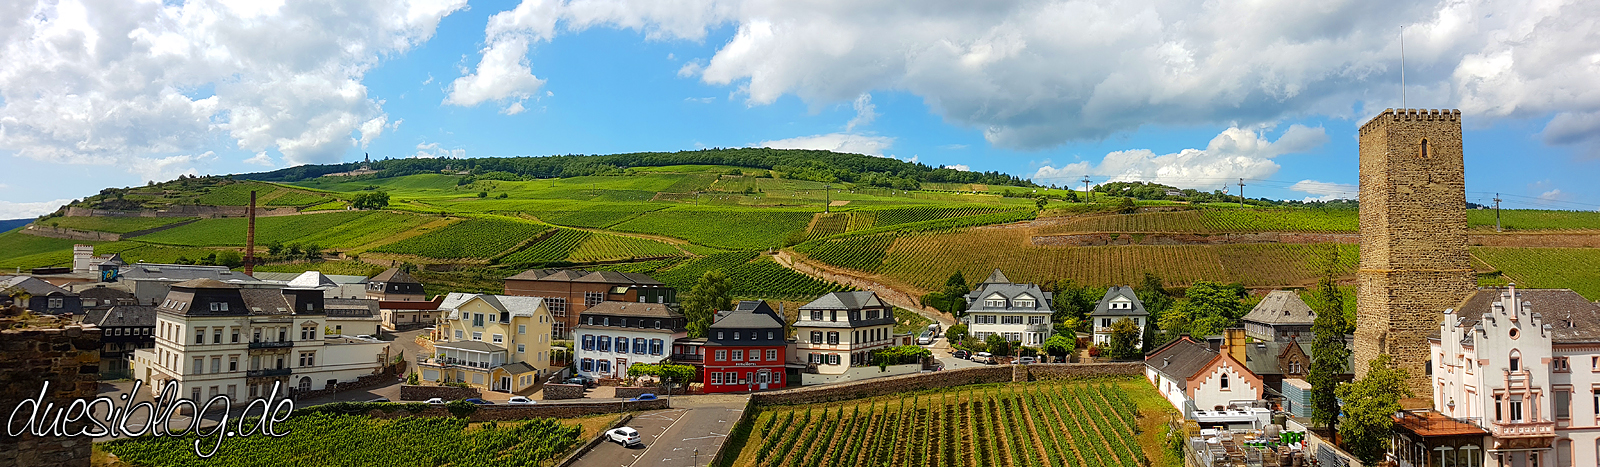 Ruedesheim Panorama Rheingau Travelblog duesiblog 001